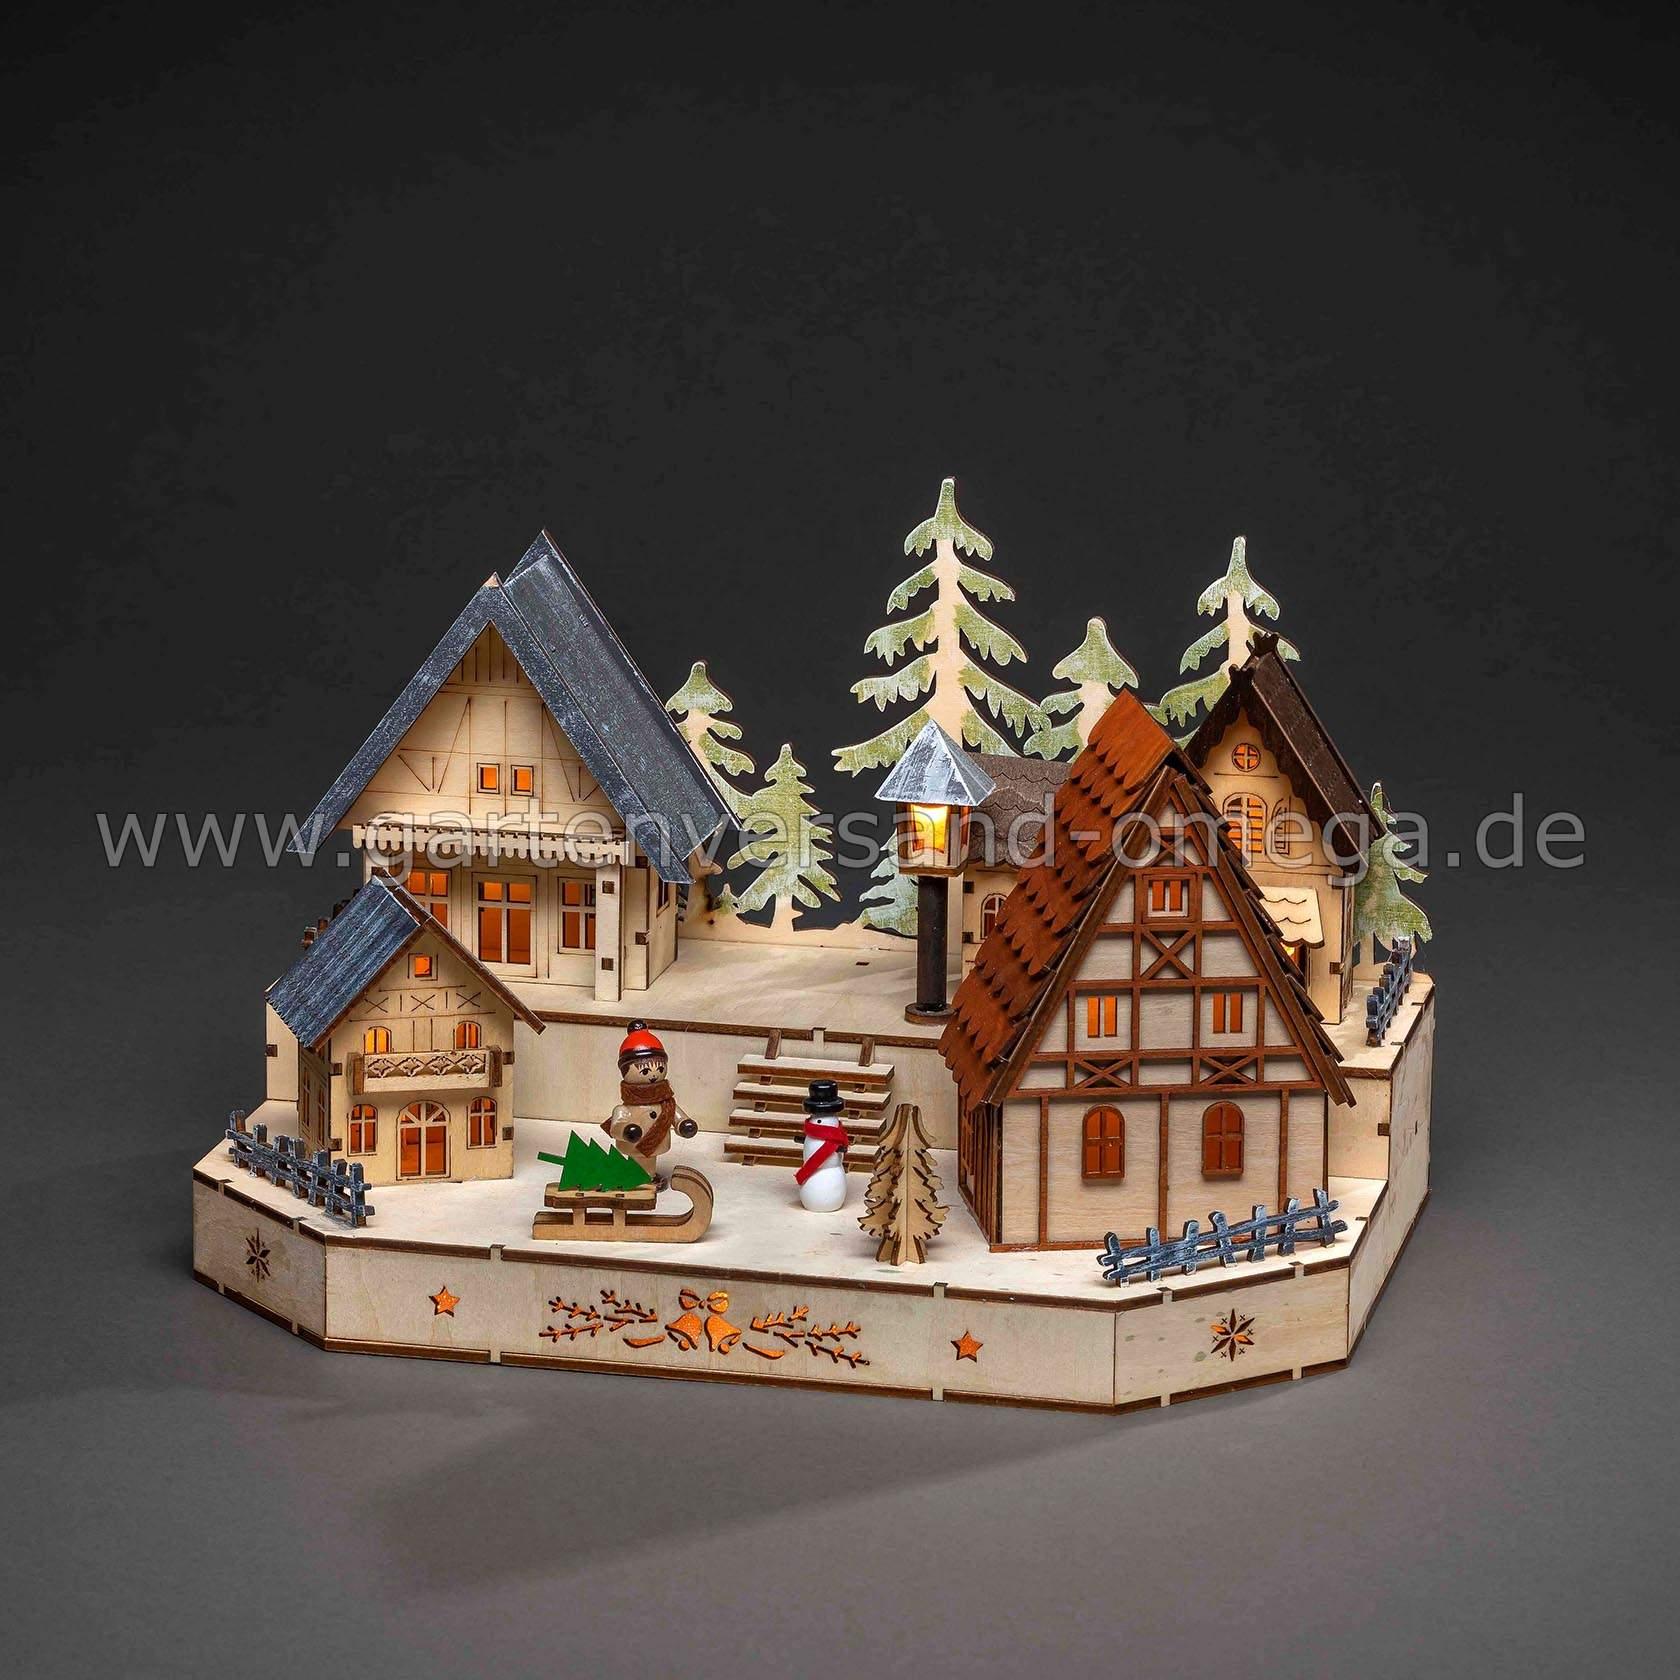 Batteriebetriebener LED Holzleuchter Weihnachtsdorf 3235 100